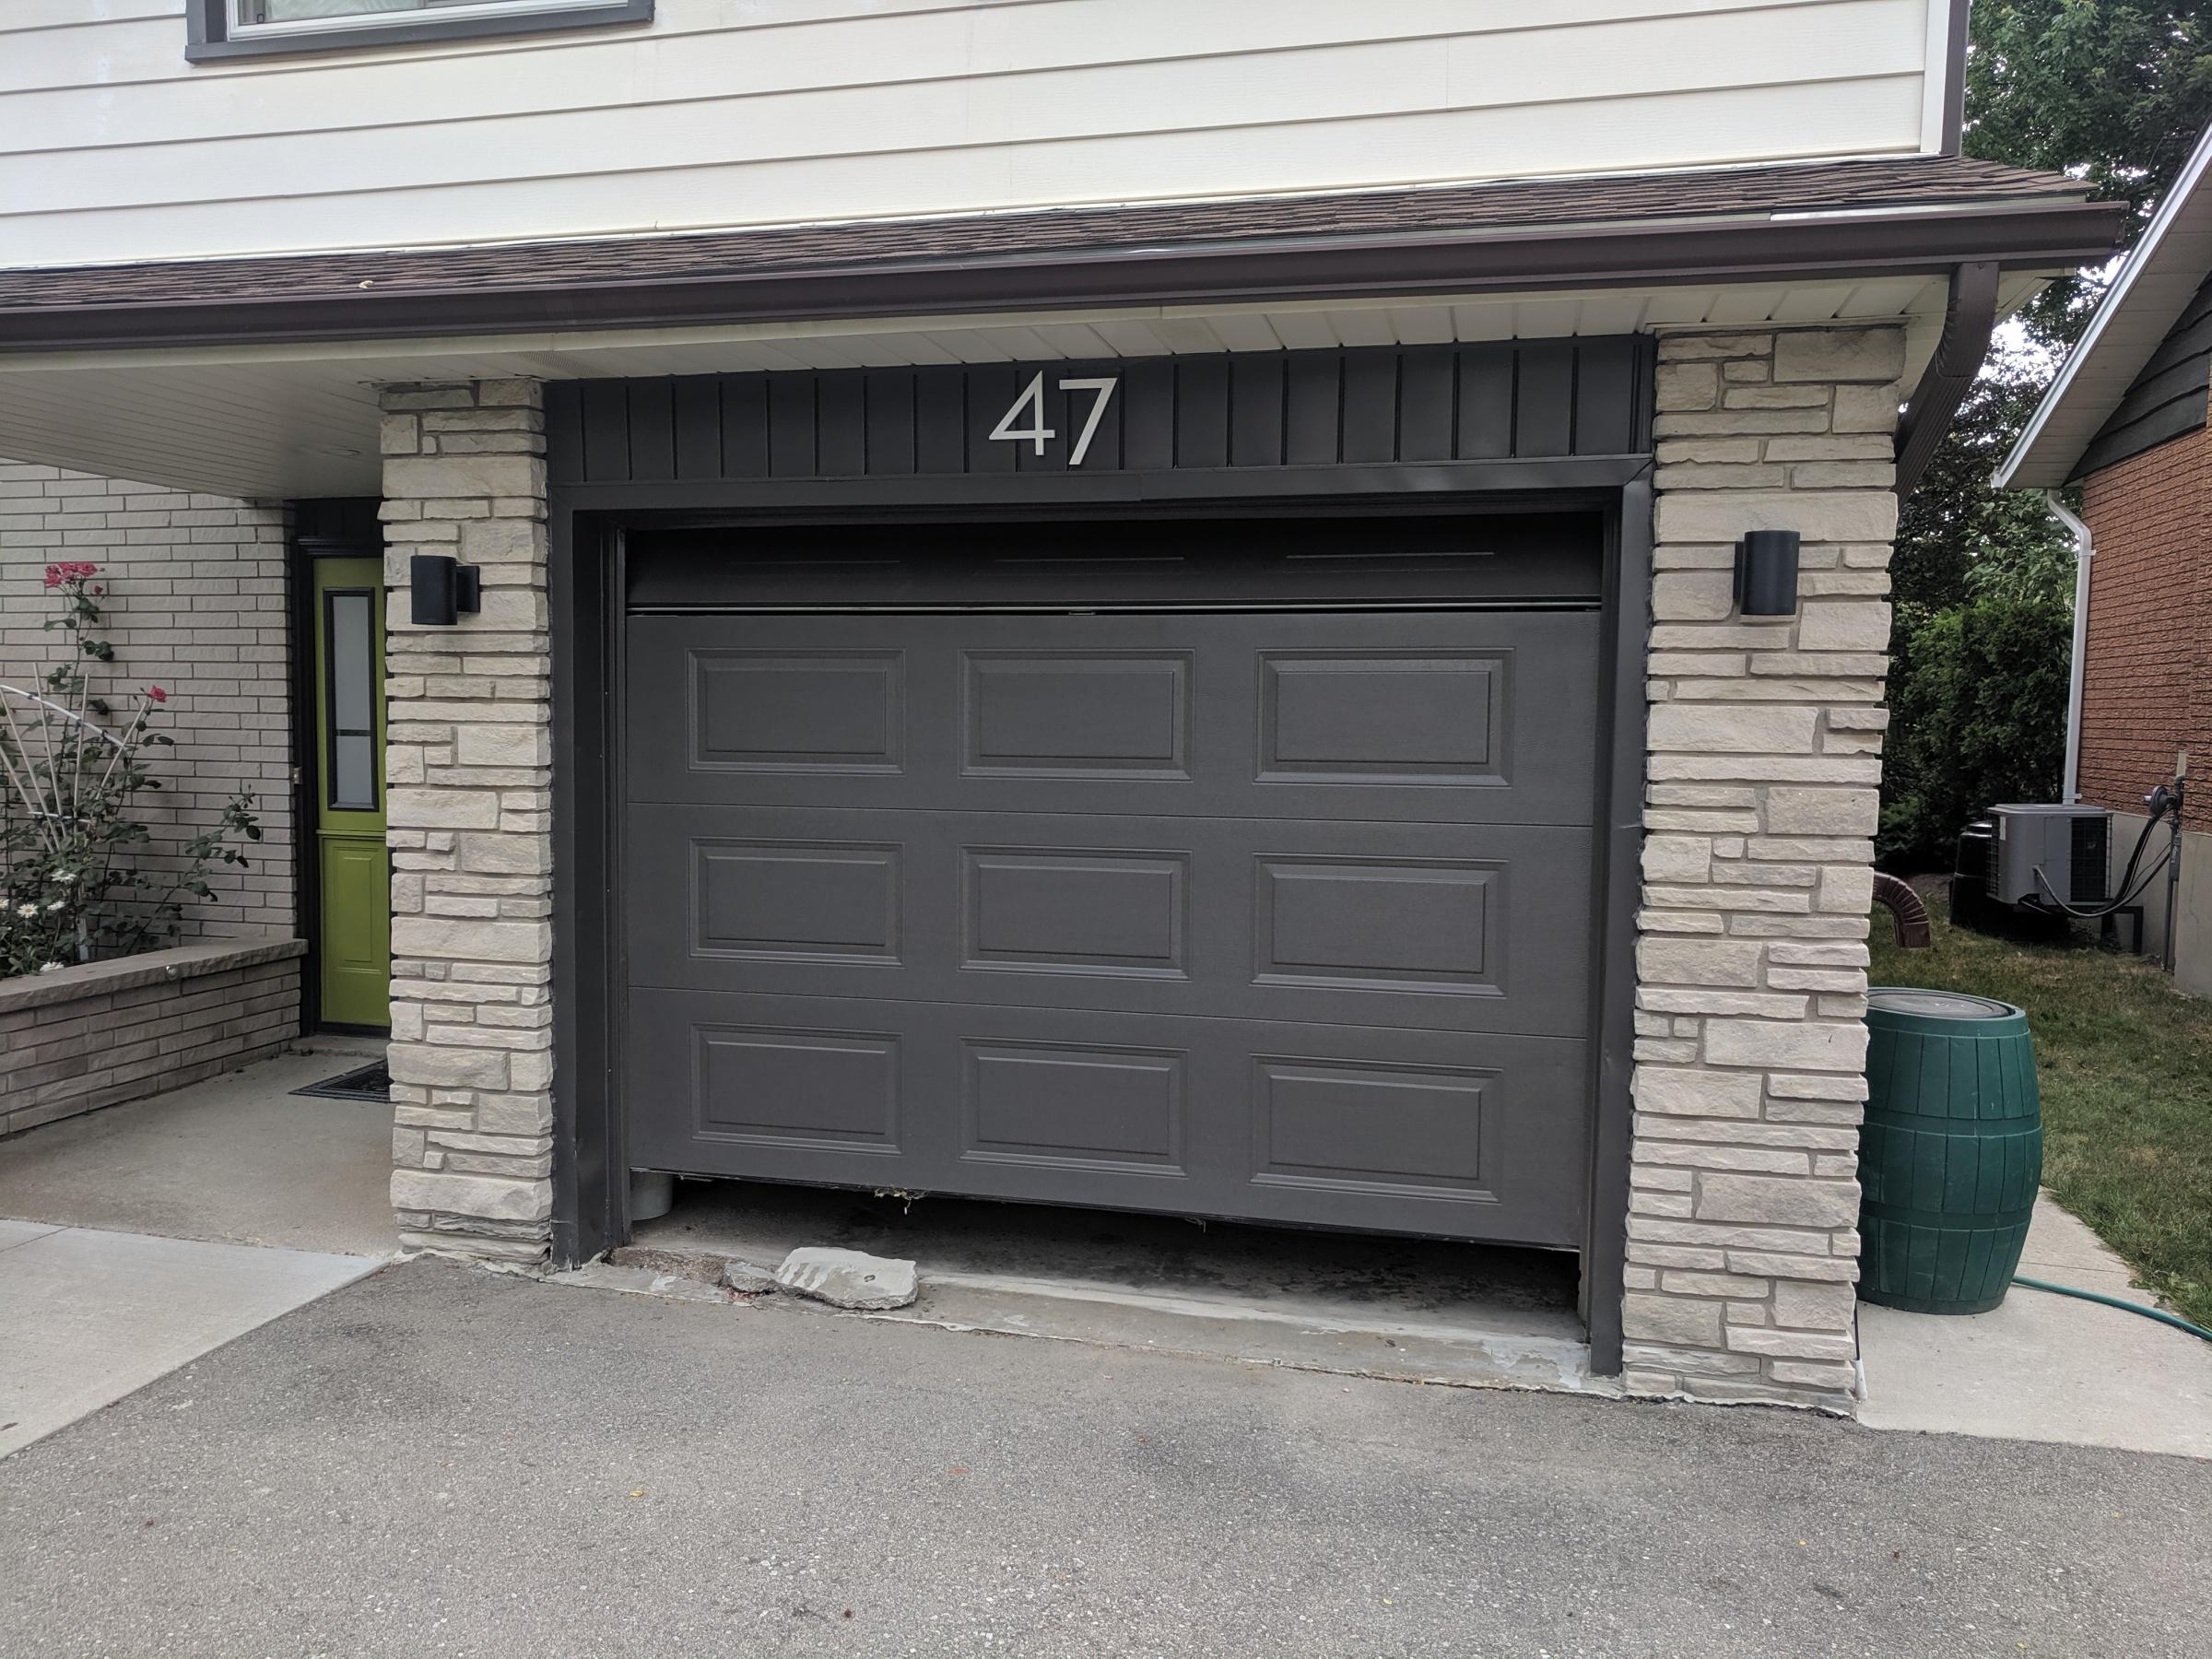 Repair Garage Threshold & Posts-img_20190713_163357.jpg